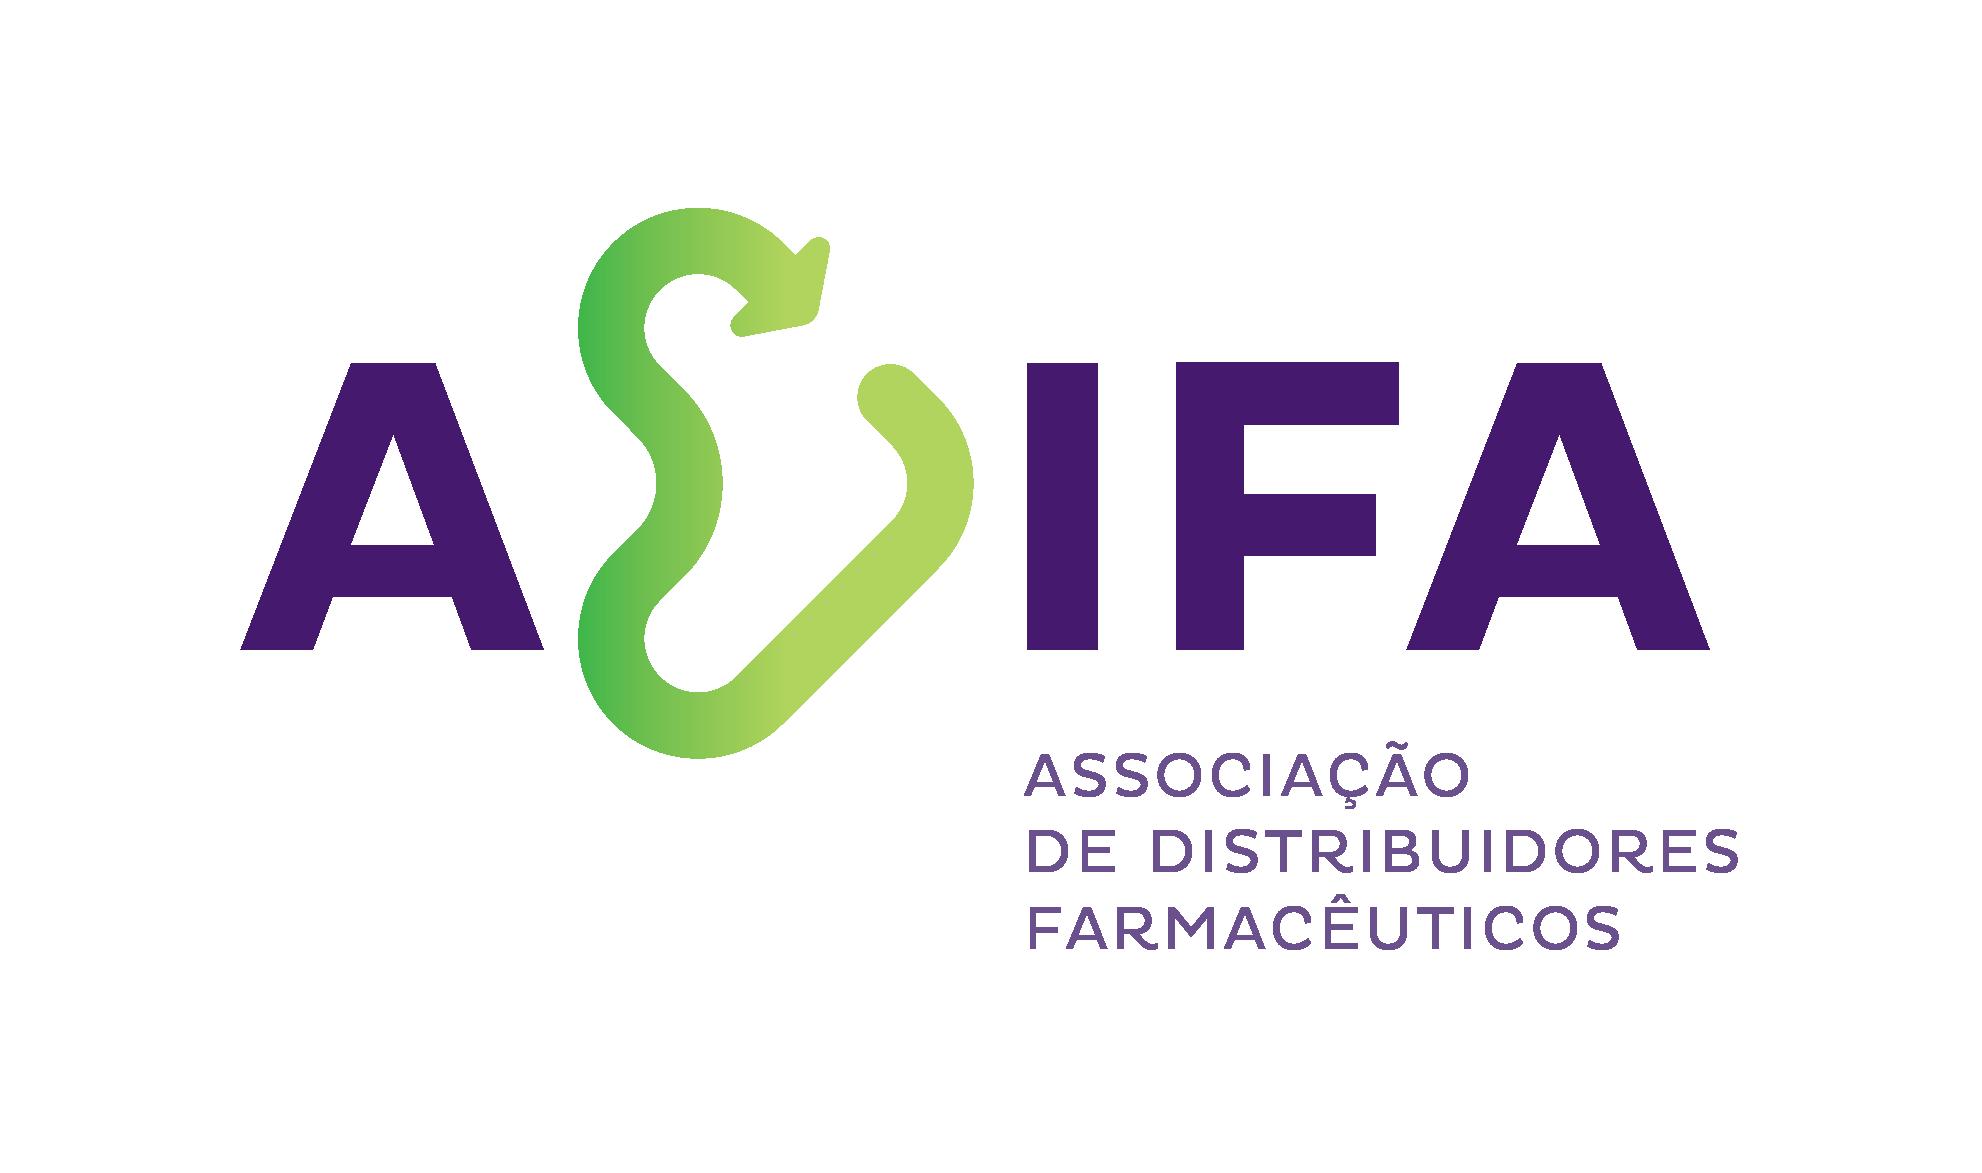 Associação de Distribuidores Farmacêuticos